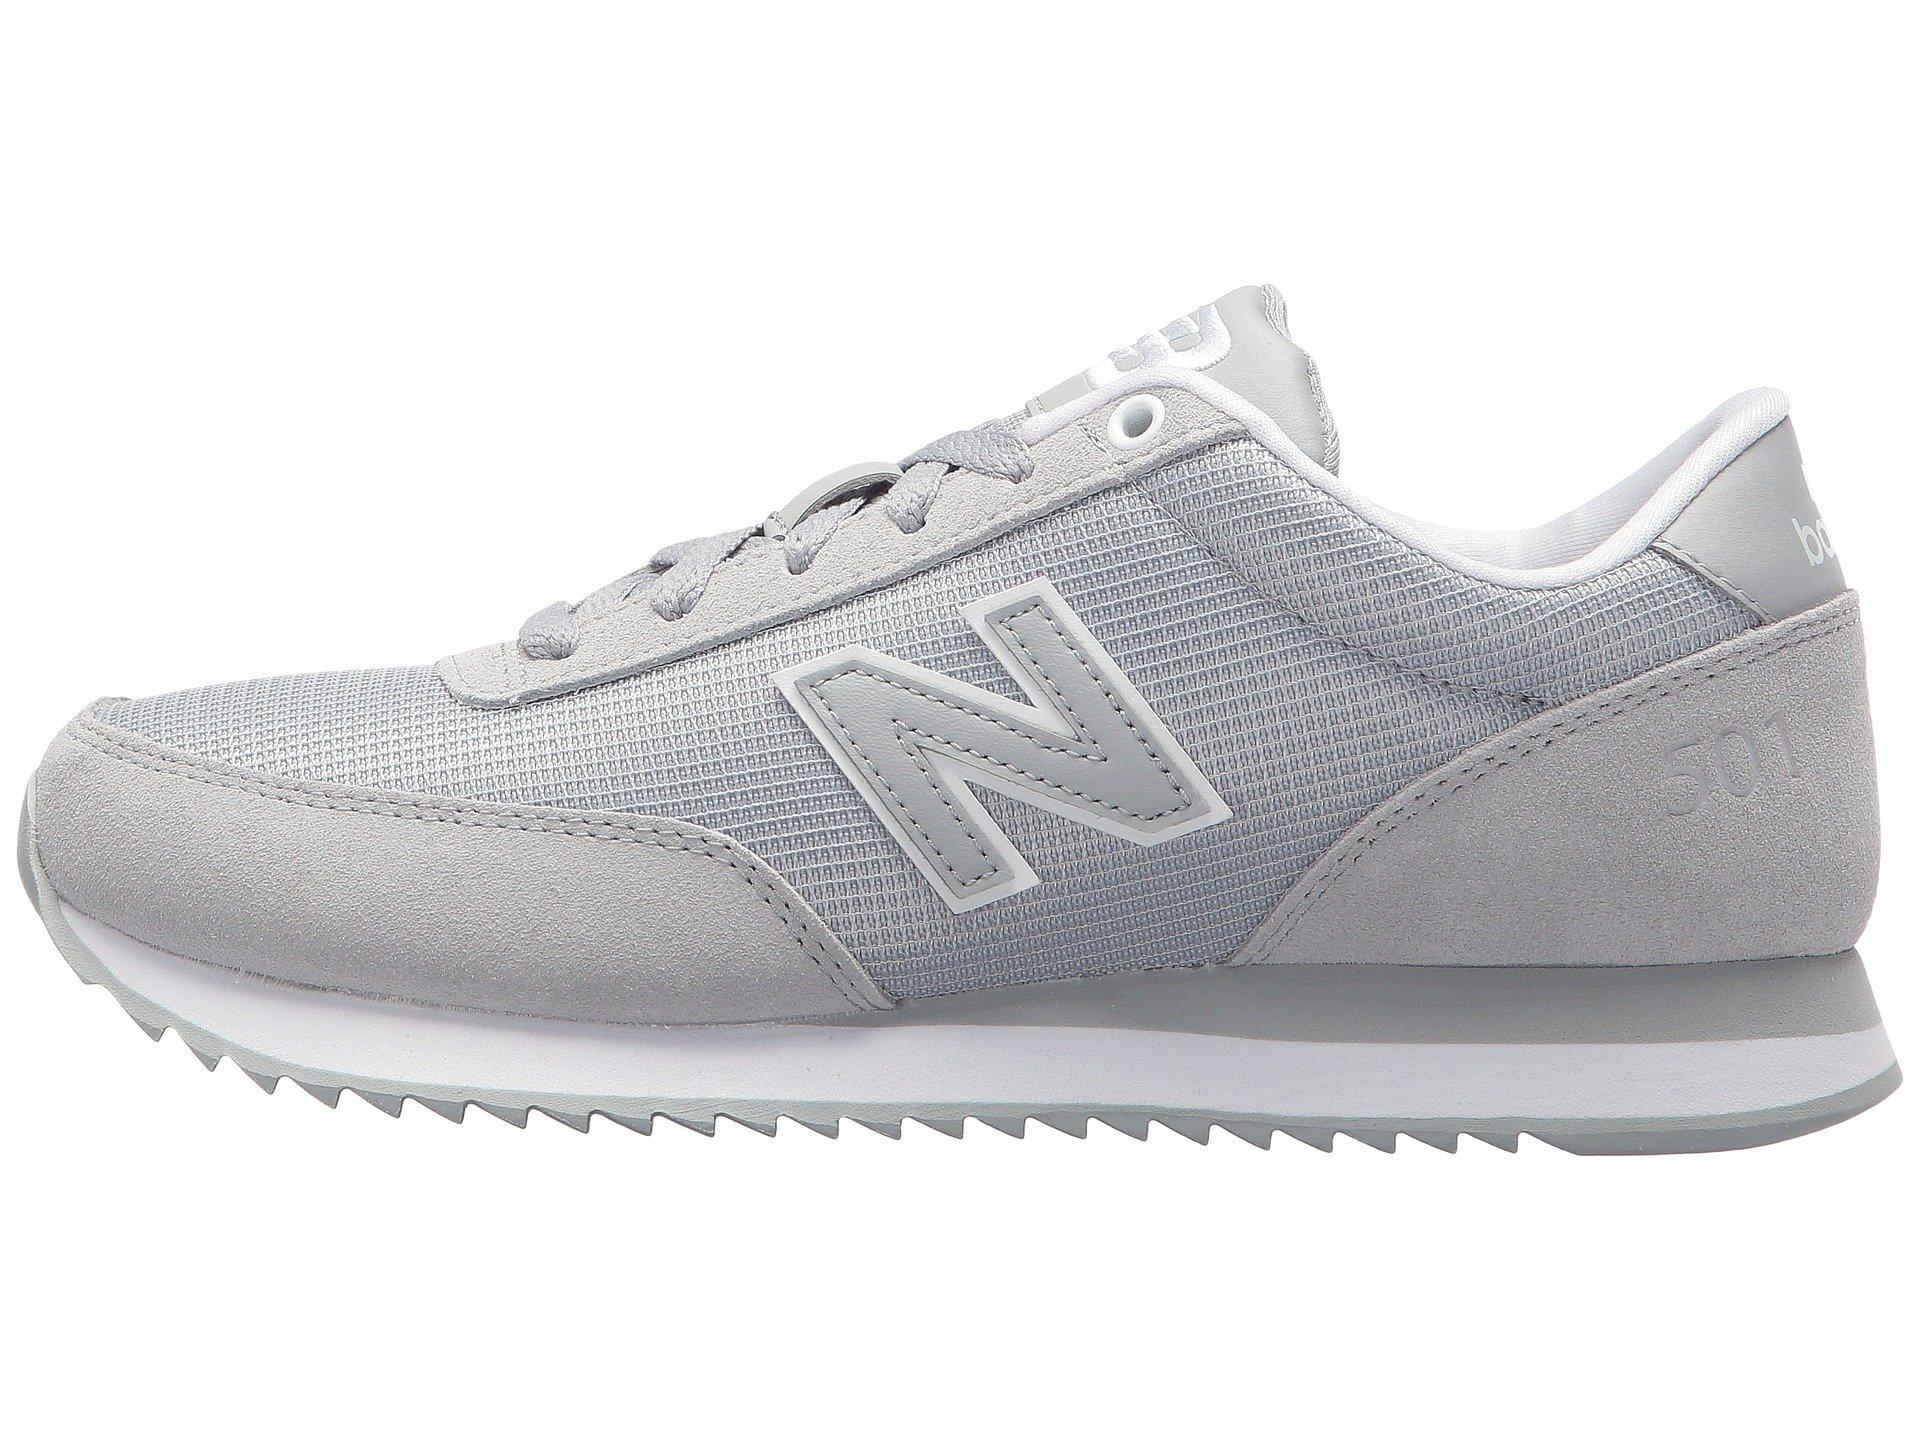 Silver Mink Wz501v1 Classics white Balance New Fw0vHH